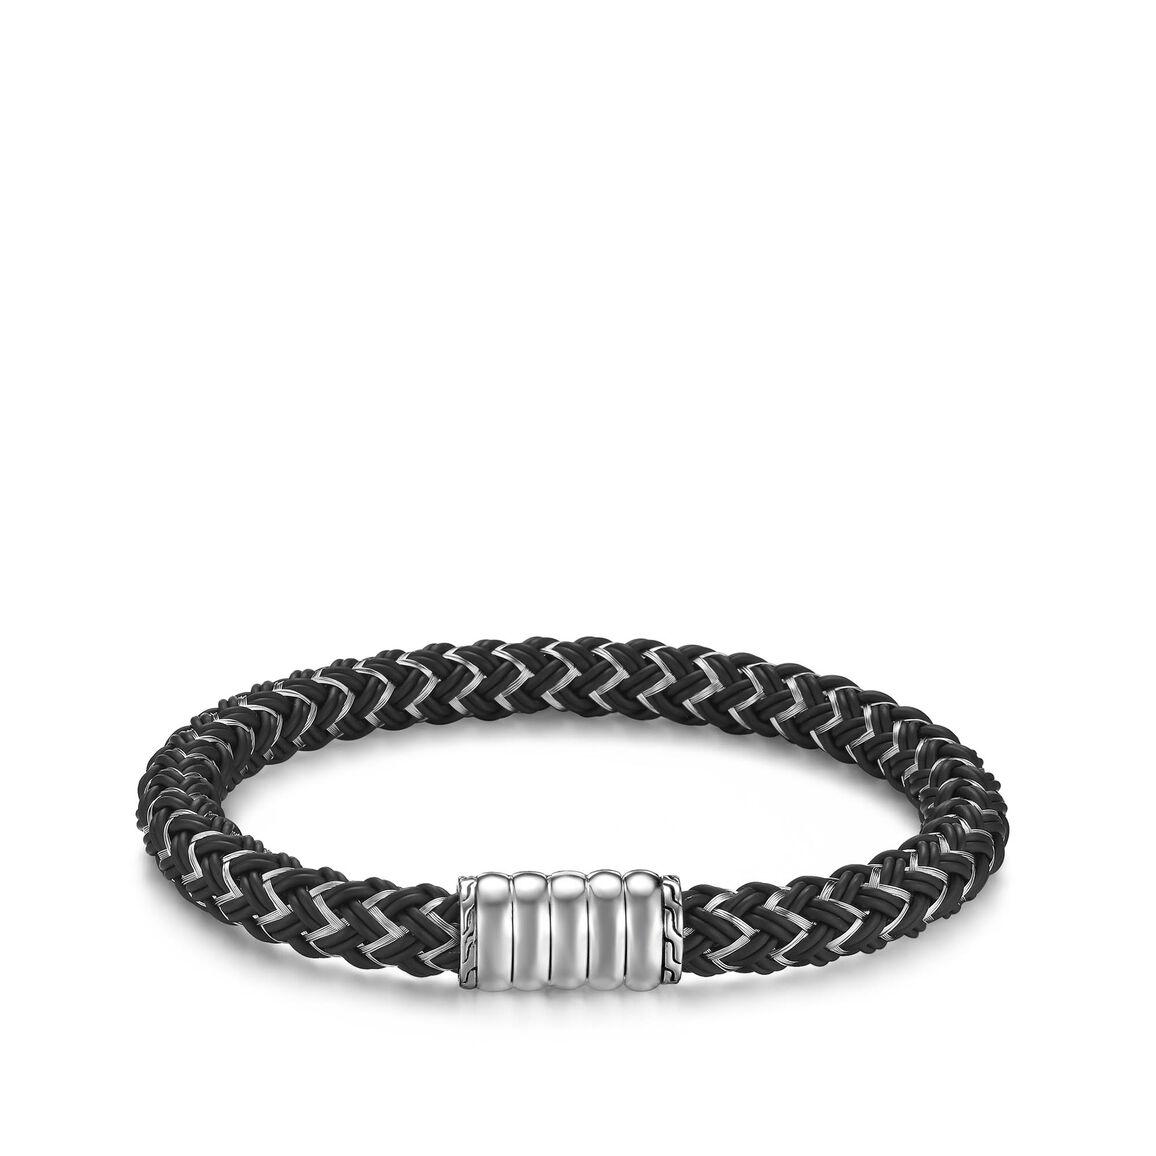 Bedeg 7MM Station Bracelet in Silver